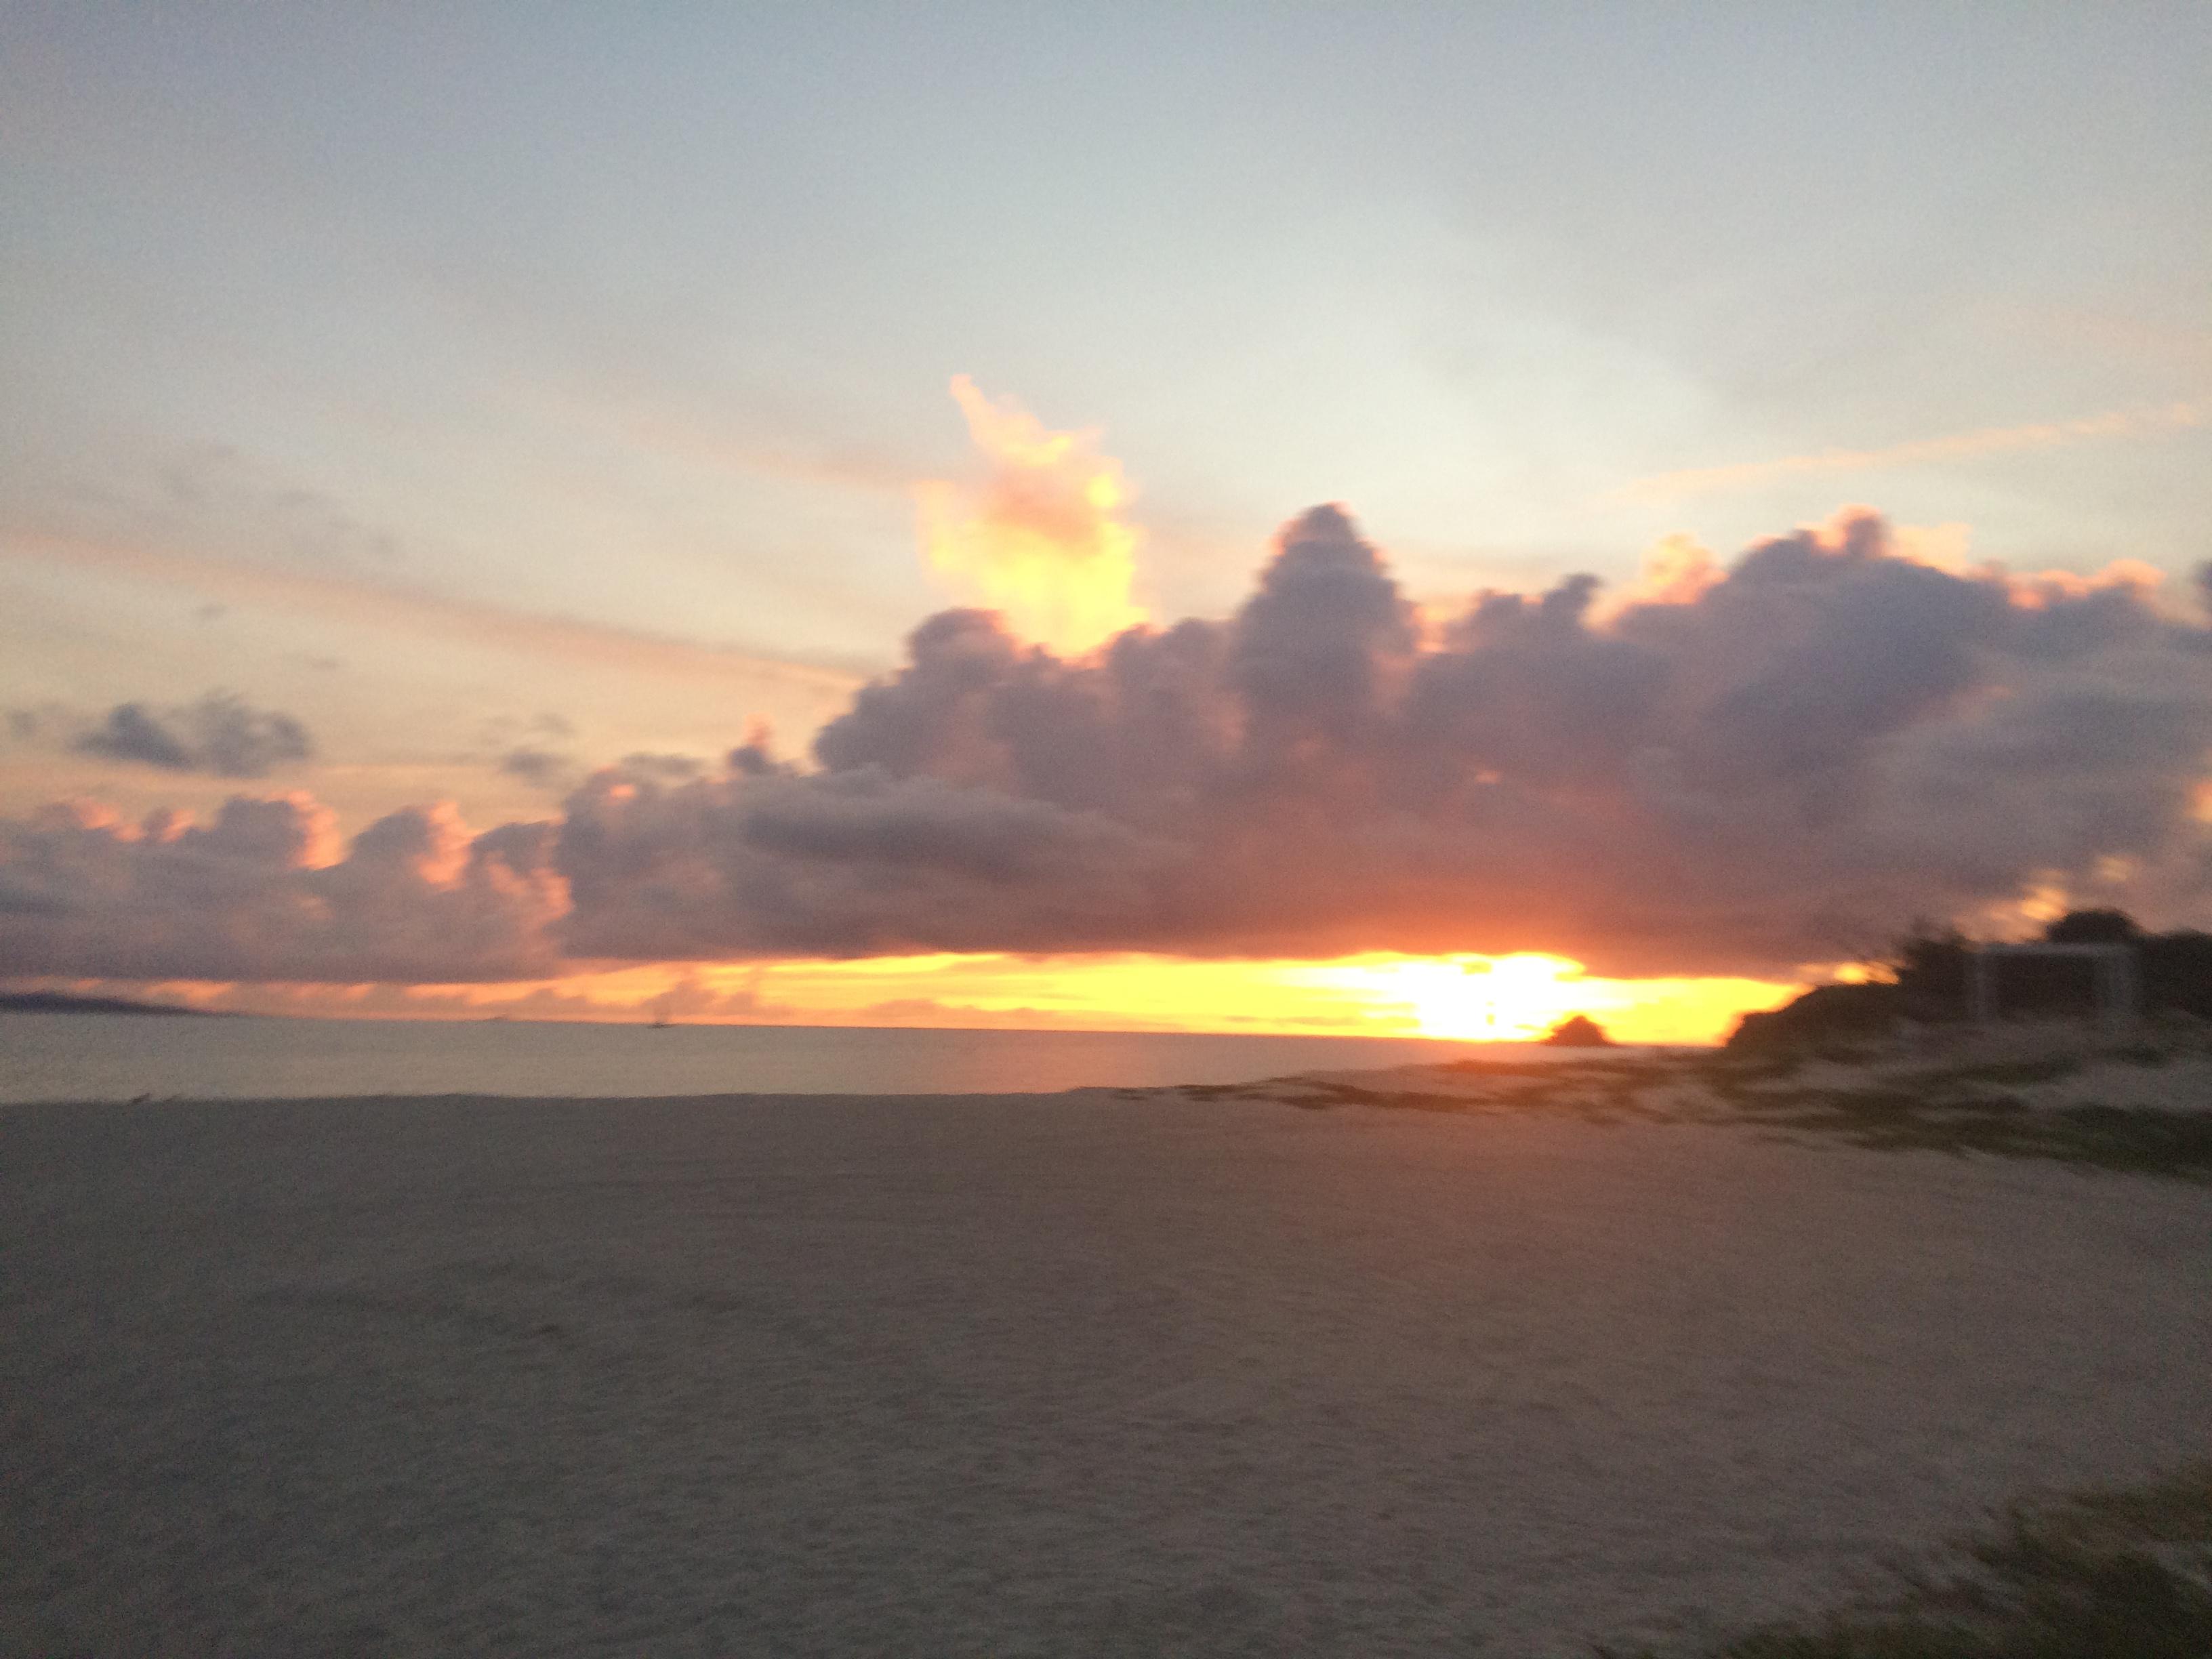 0歳2歳子連れ沖縄旅行:1日目プライベートビーチ&リゾートオクマ